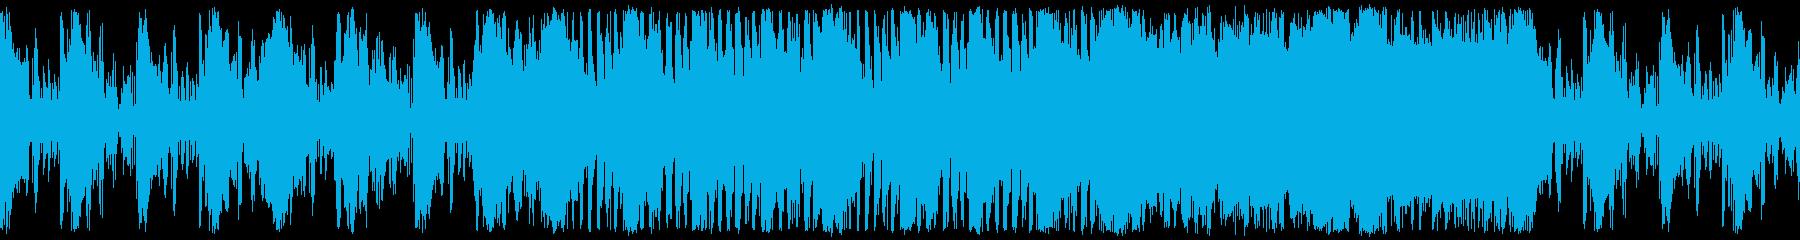 危険で不気味な中東風エスニック ループの再生済みの波形